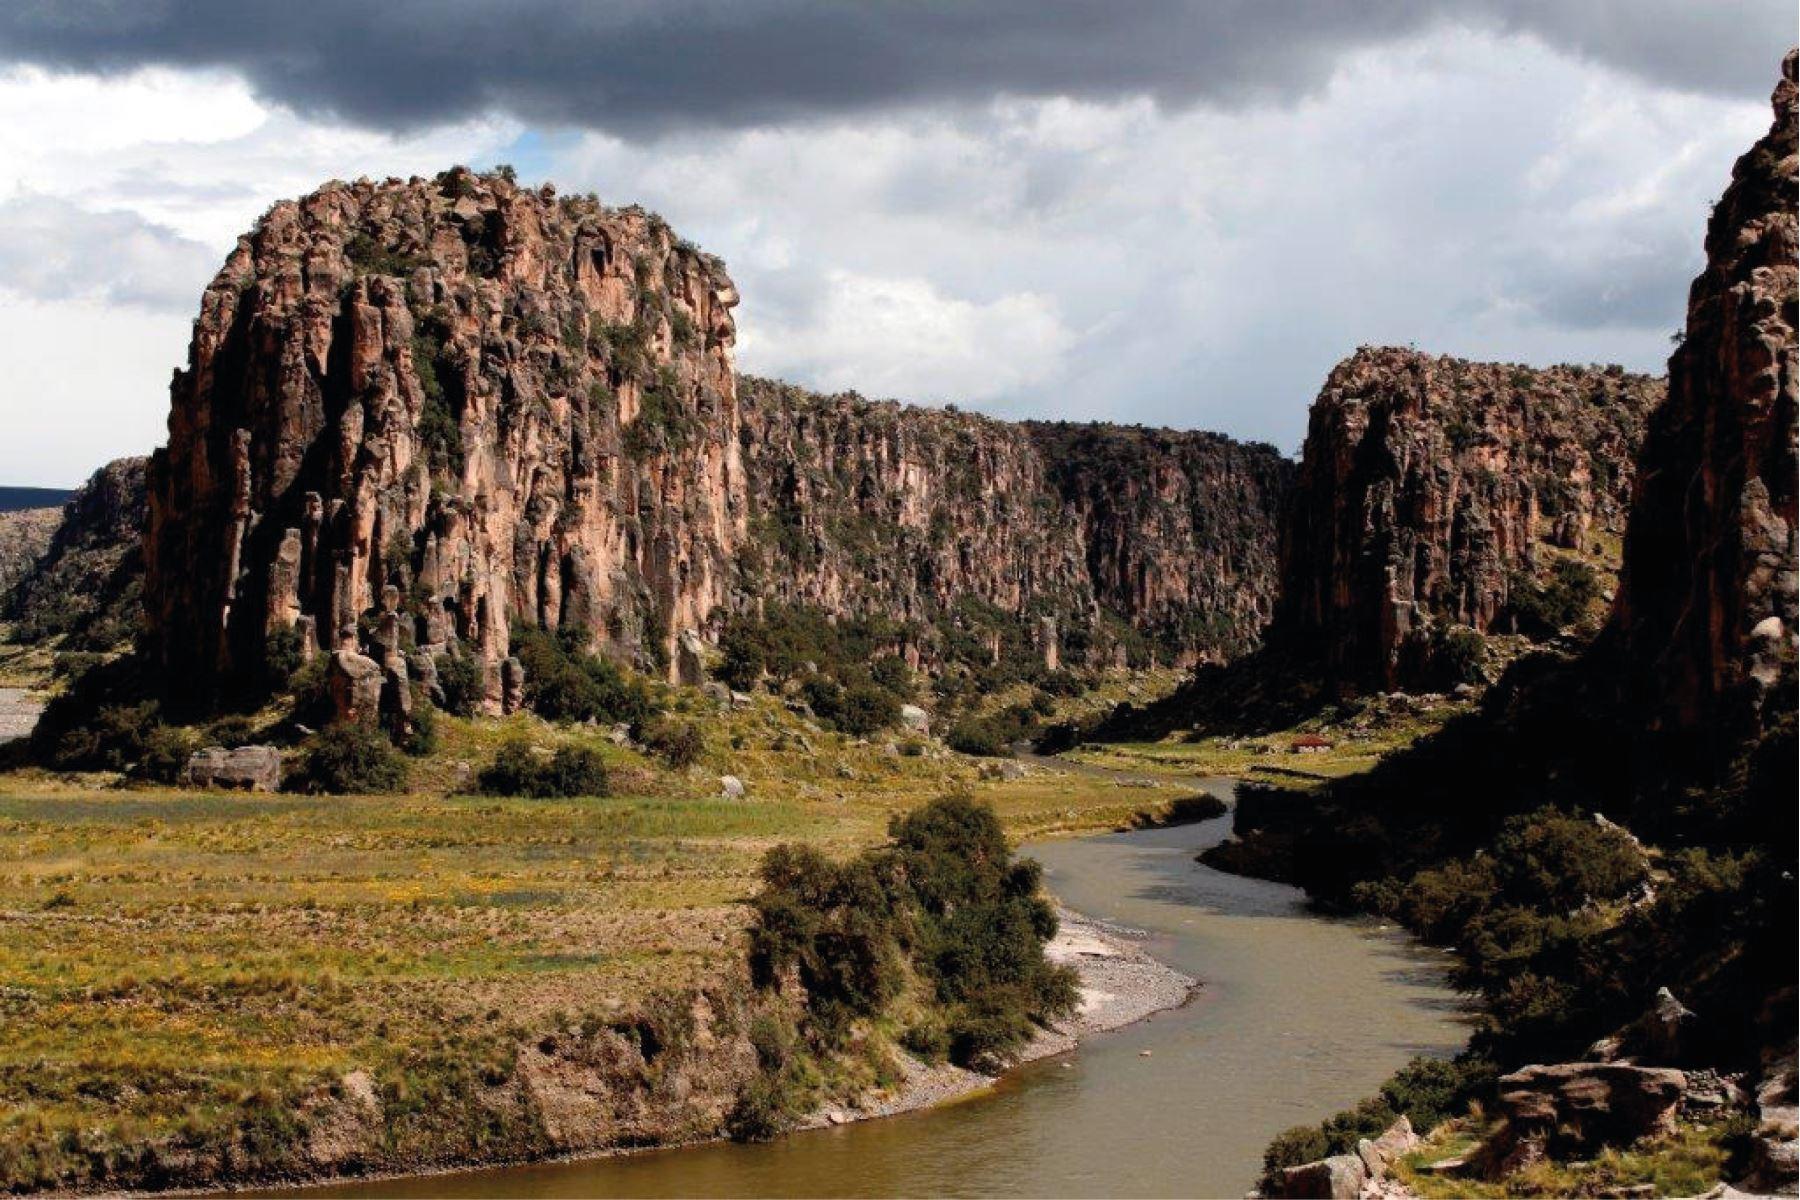 Zona de Tres Cañones, ubicada en la provincia de Espinar, en Cusco, es reconocida como Área de Conservación Regional.